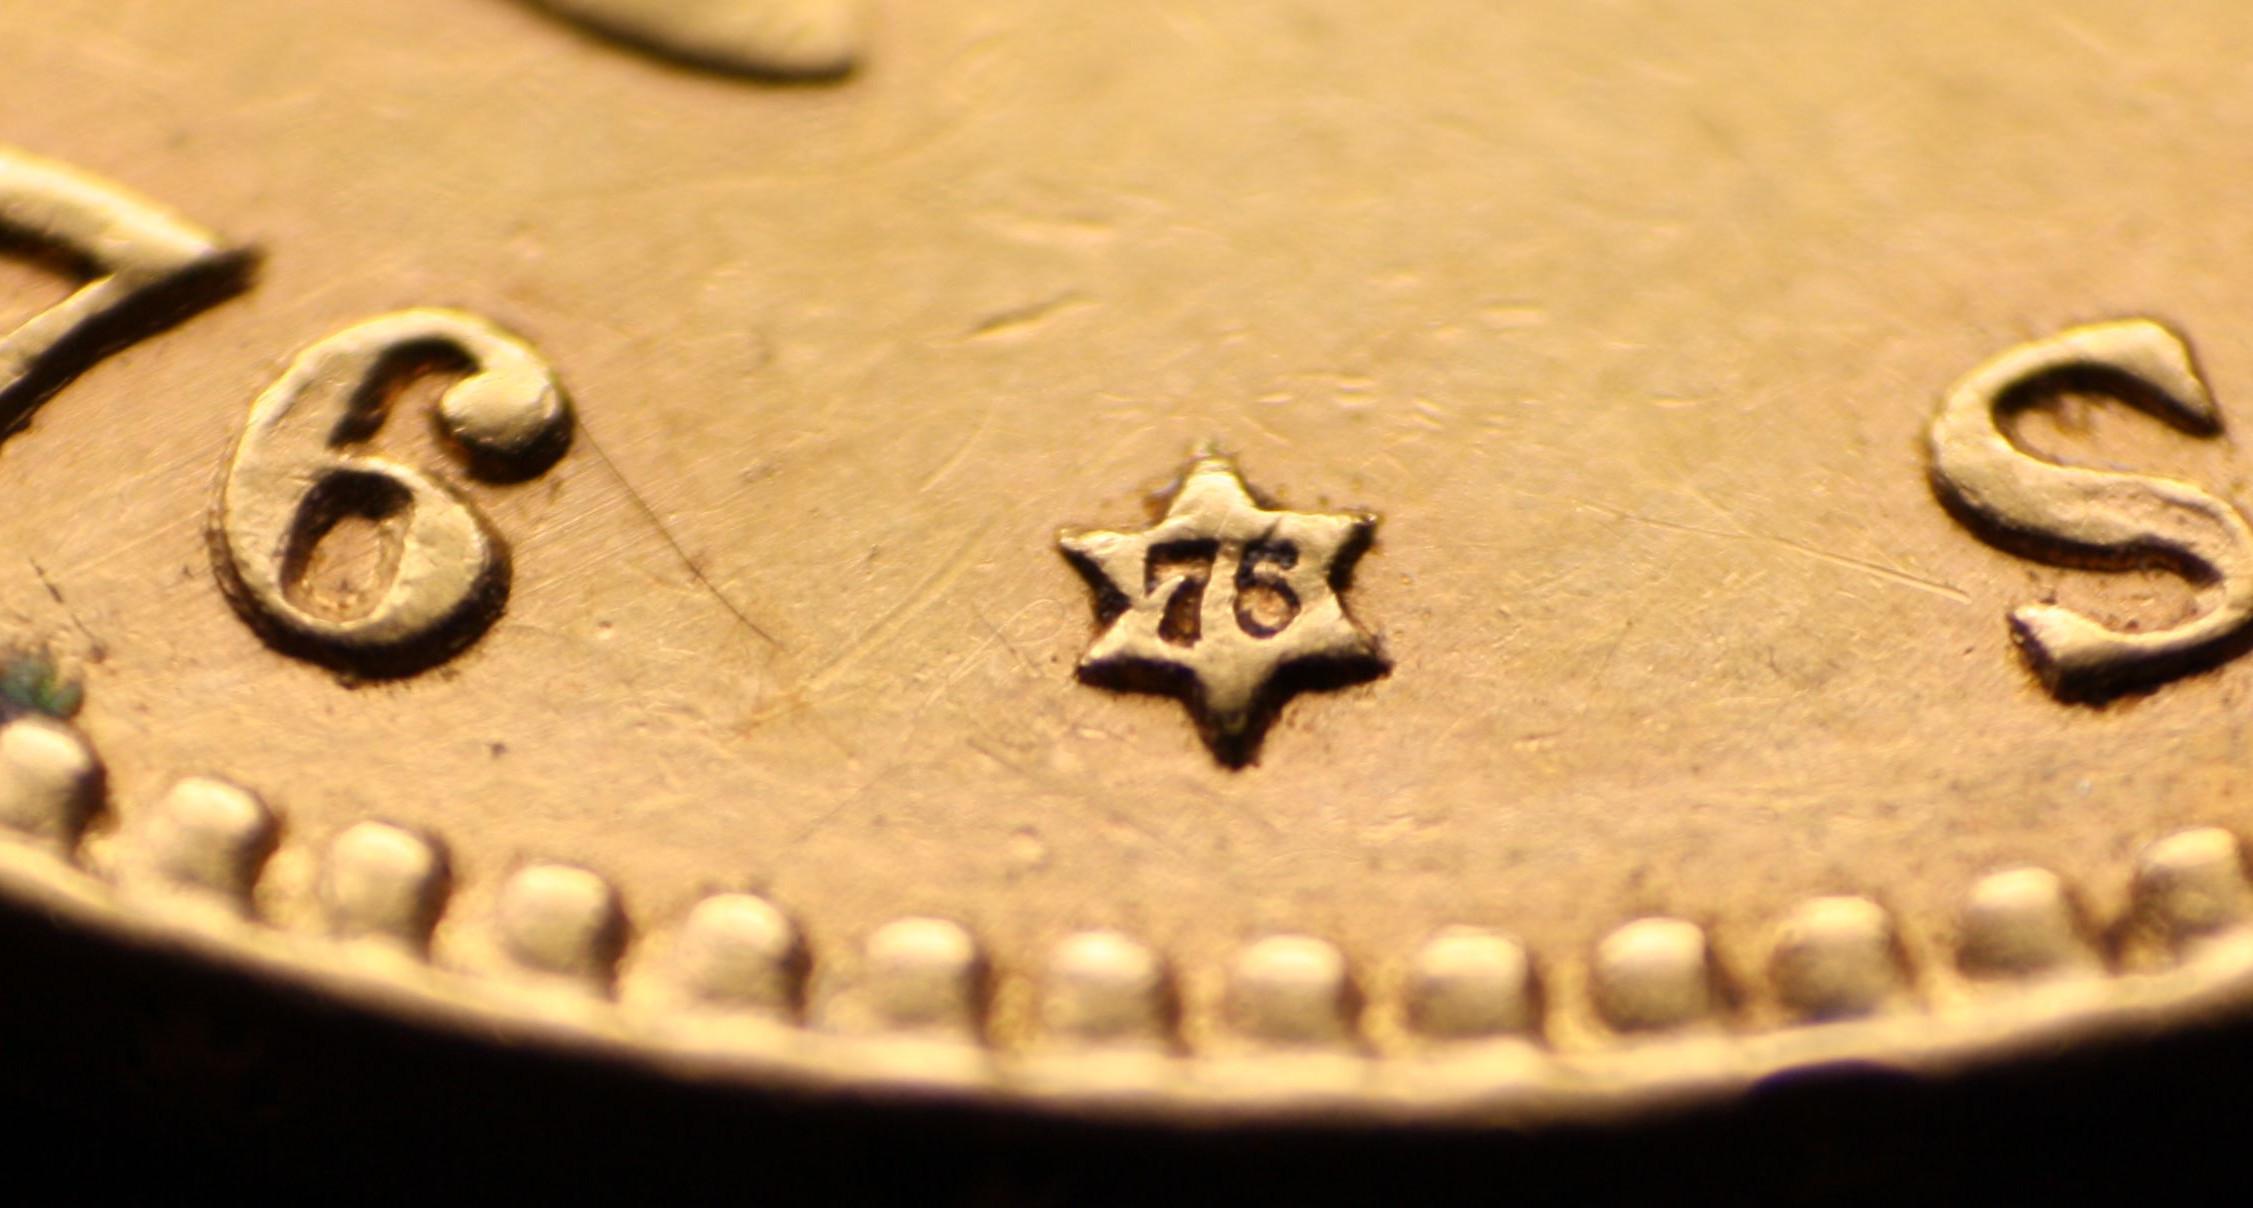 Resultados de un microscopio USB: detalles de las monedas  C9fa52_9b970cbde6064bafbf2ad5cc7be9c6b6